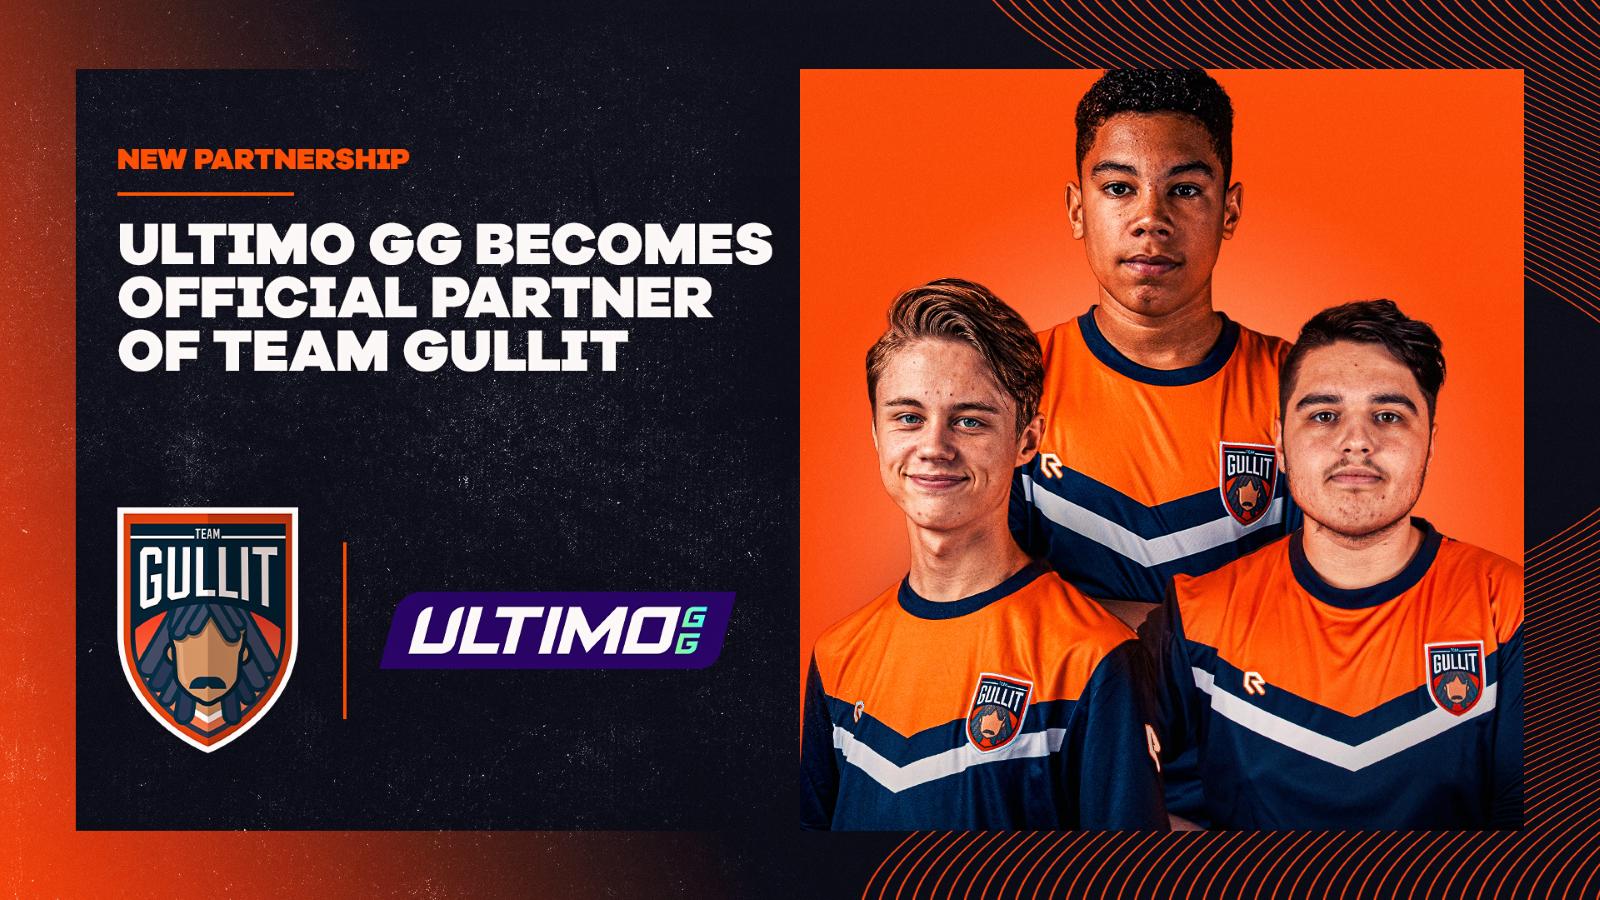 Team Gullit kondigt partnership aan met Ultimo GG